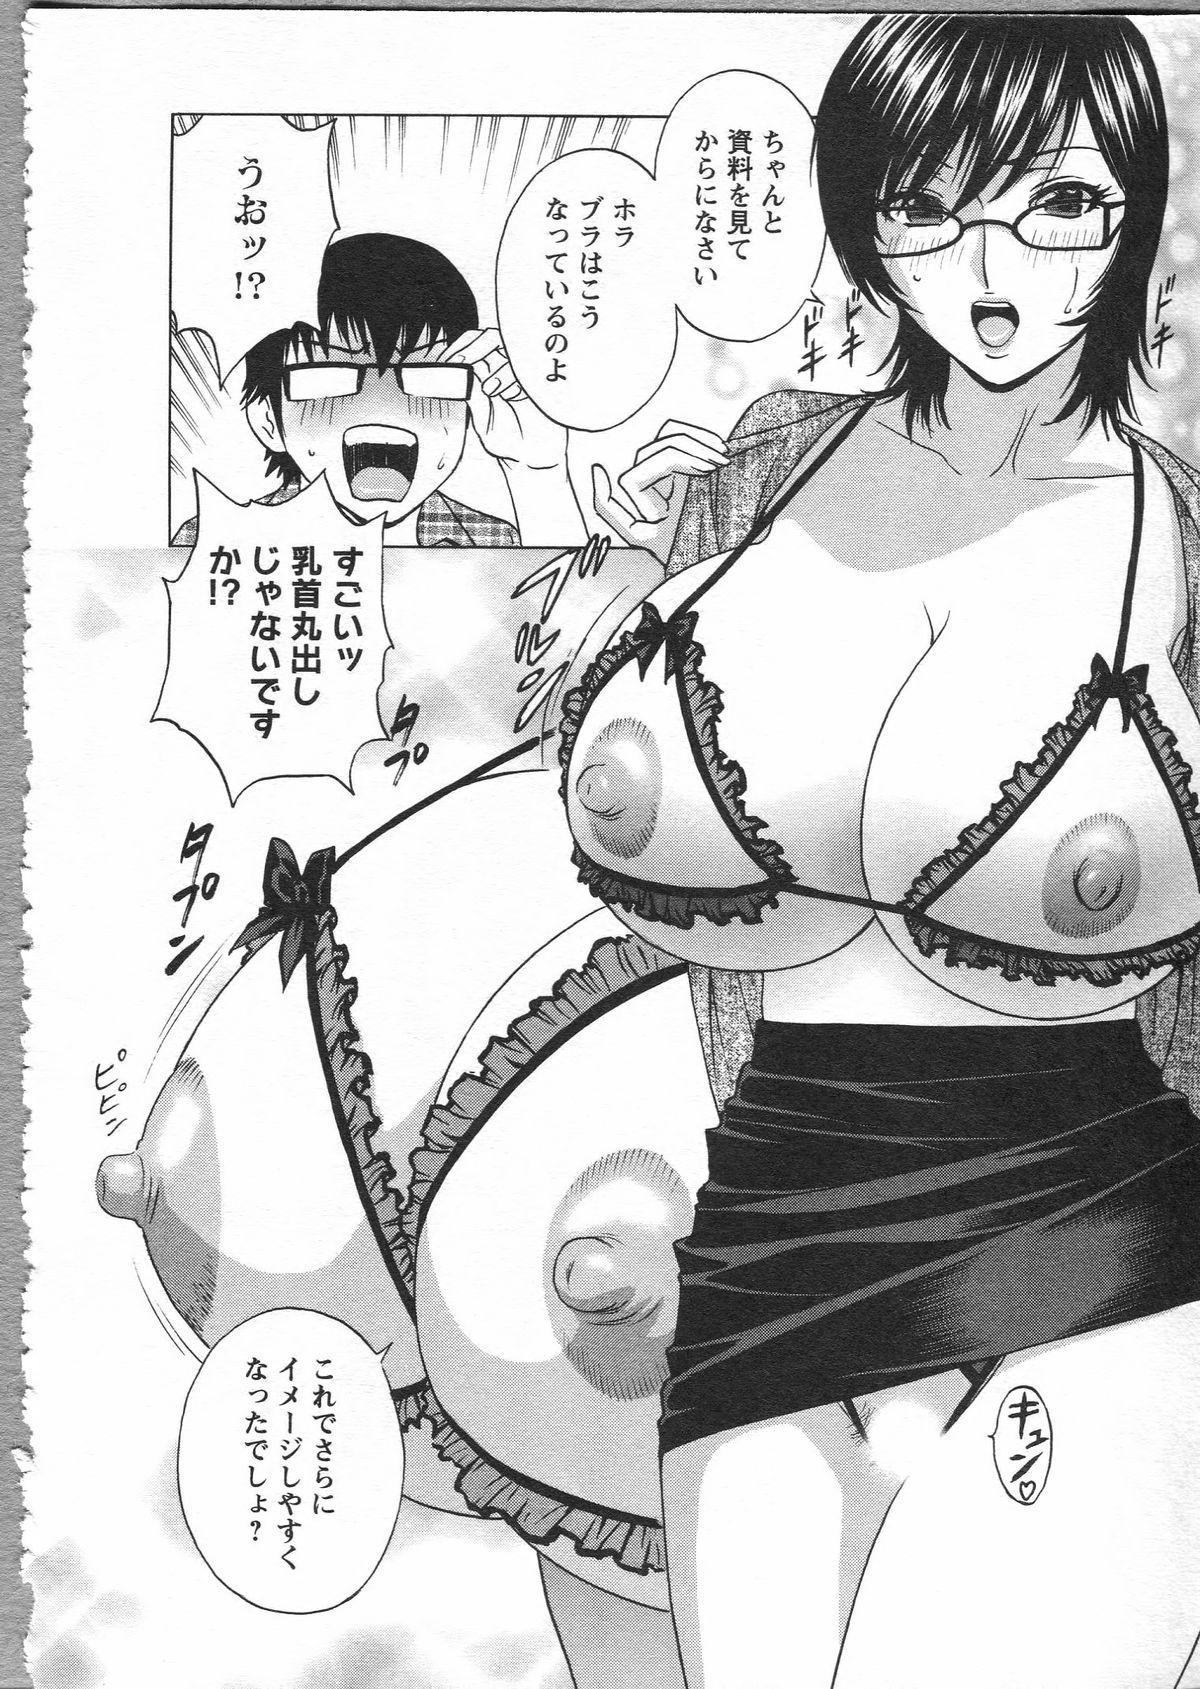 Manga no youna Hitozuma to no Hibi - Days with Married Women such as Comics. 159